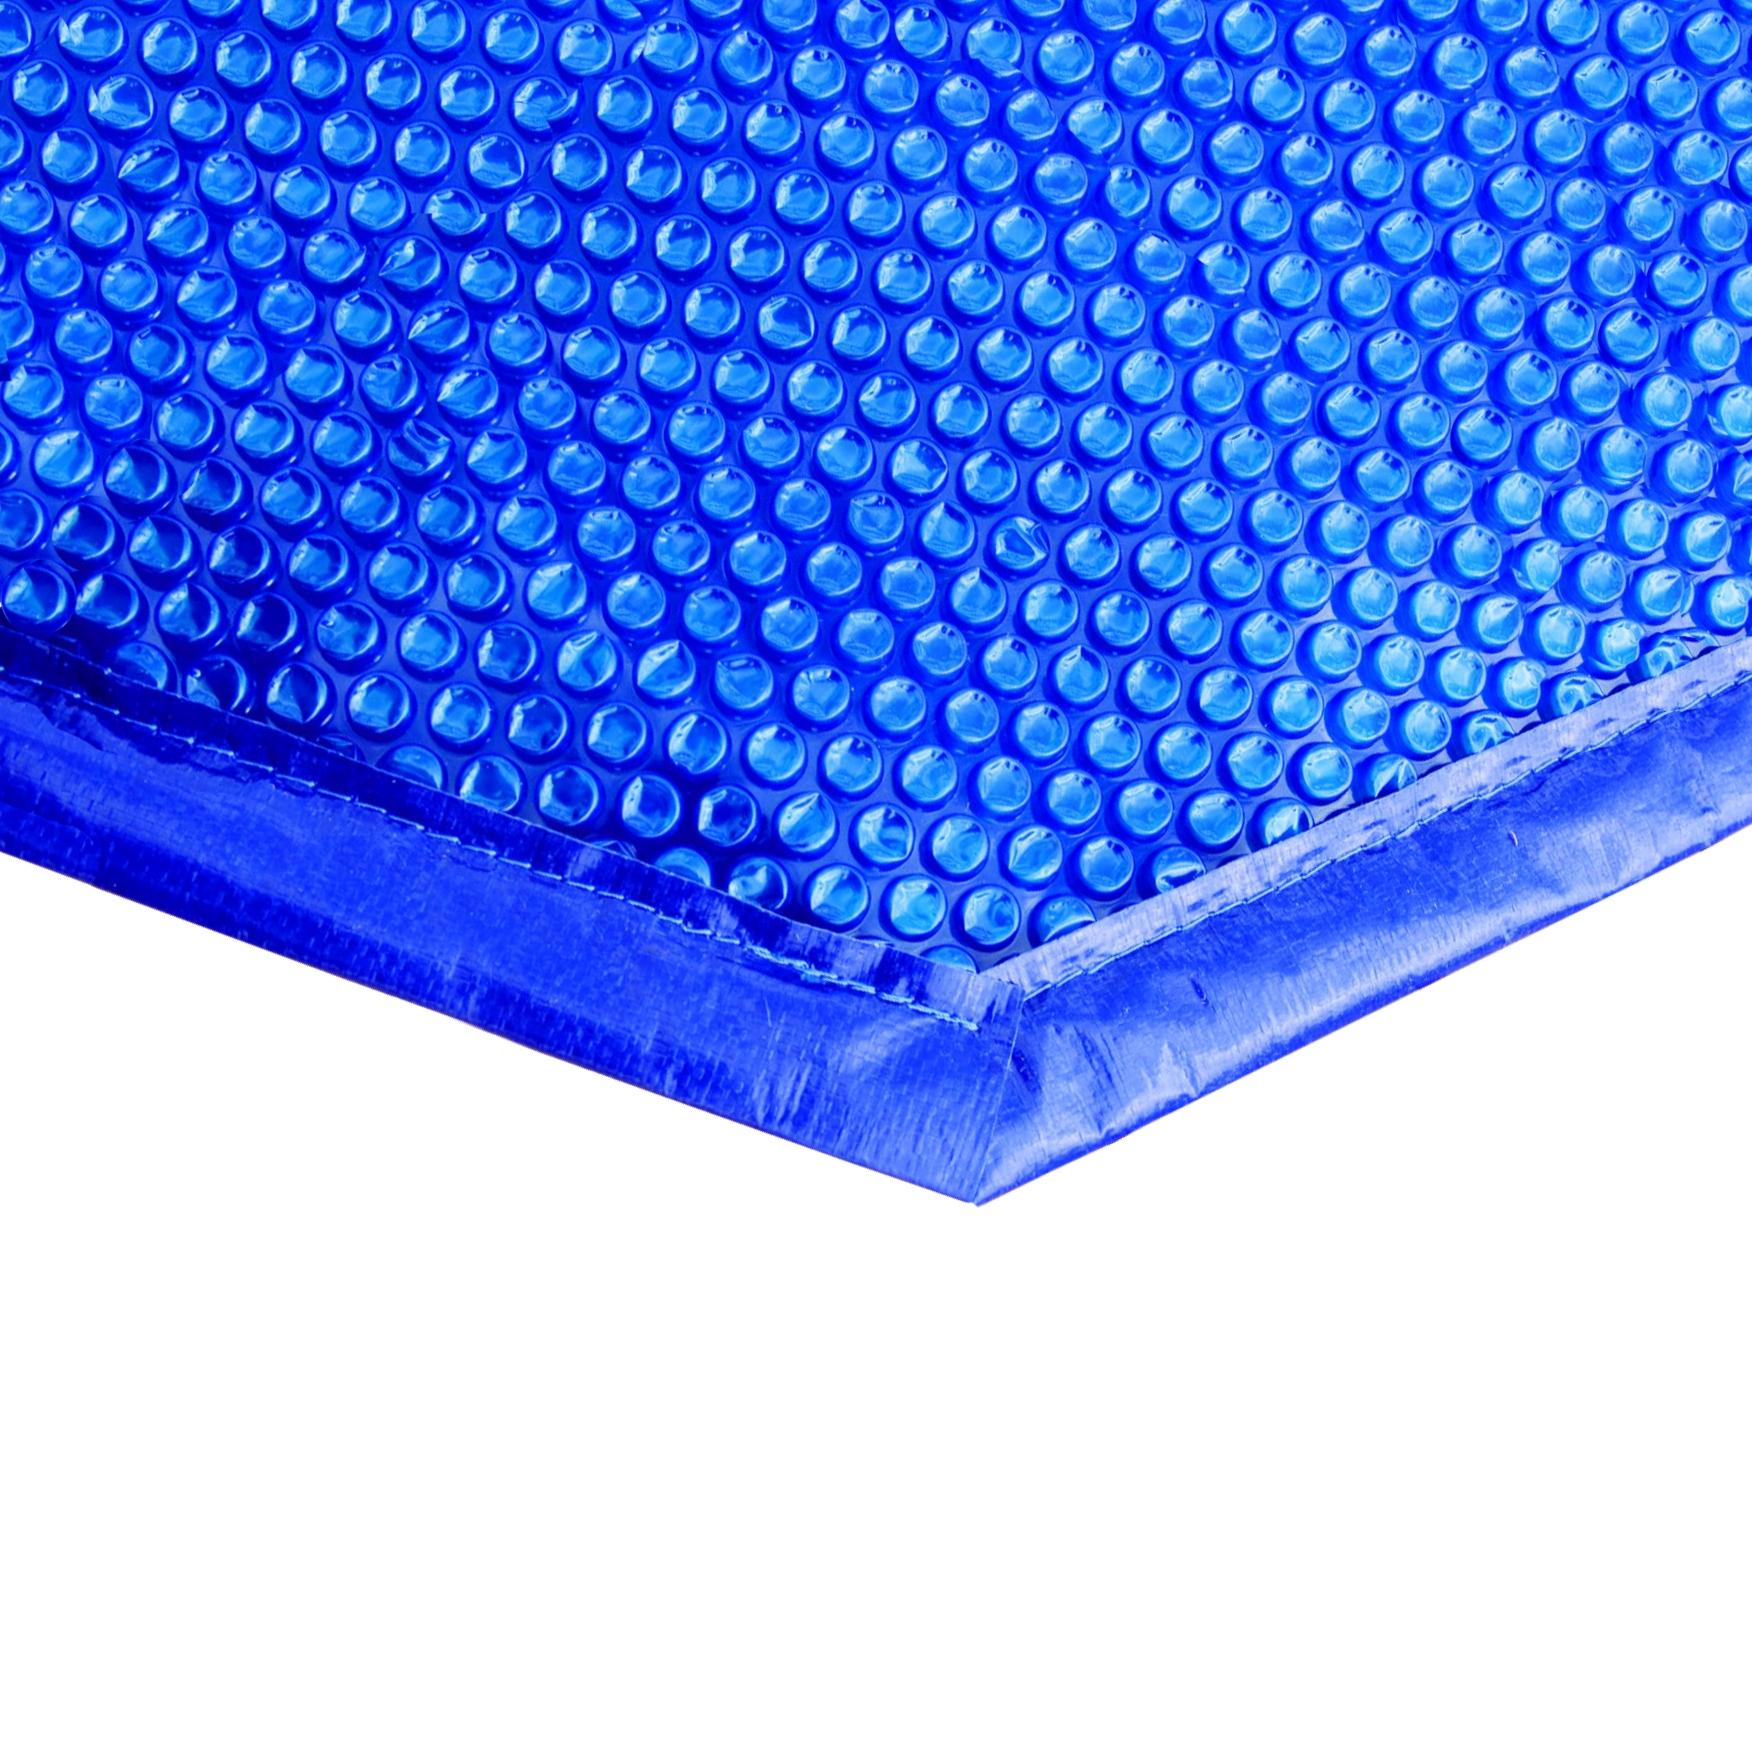 Bâche À Bulles Bordée Pour Piscine Hexagonale Ø 5,1 M Ubbink - Mr.bricolage concernant Bâche À Bulles Pour Piscine